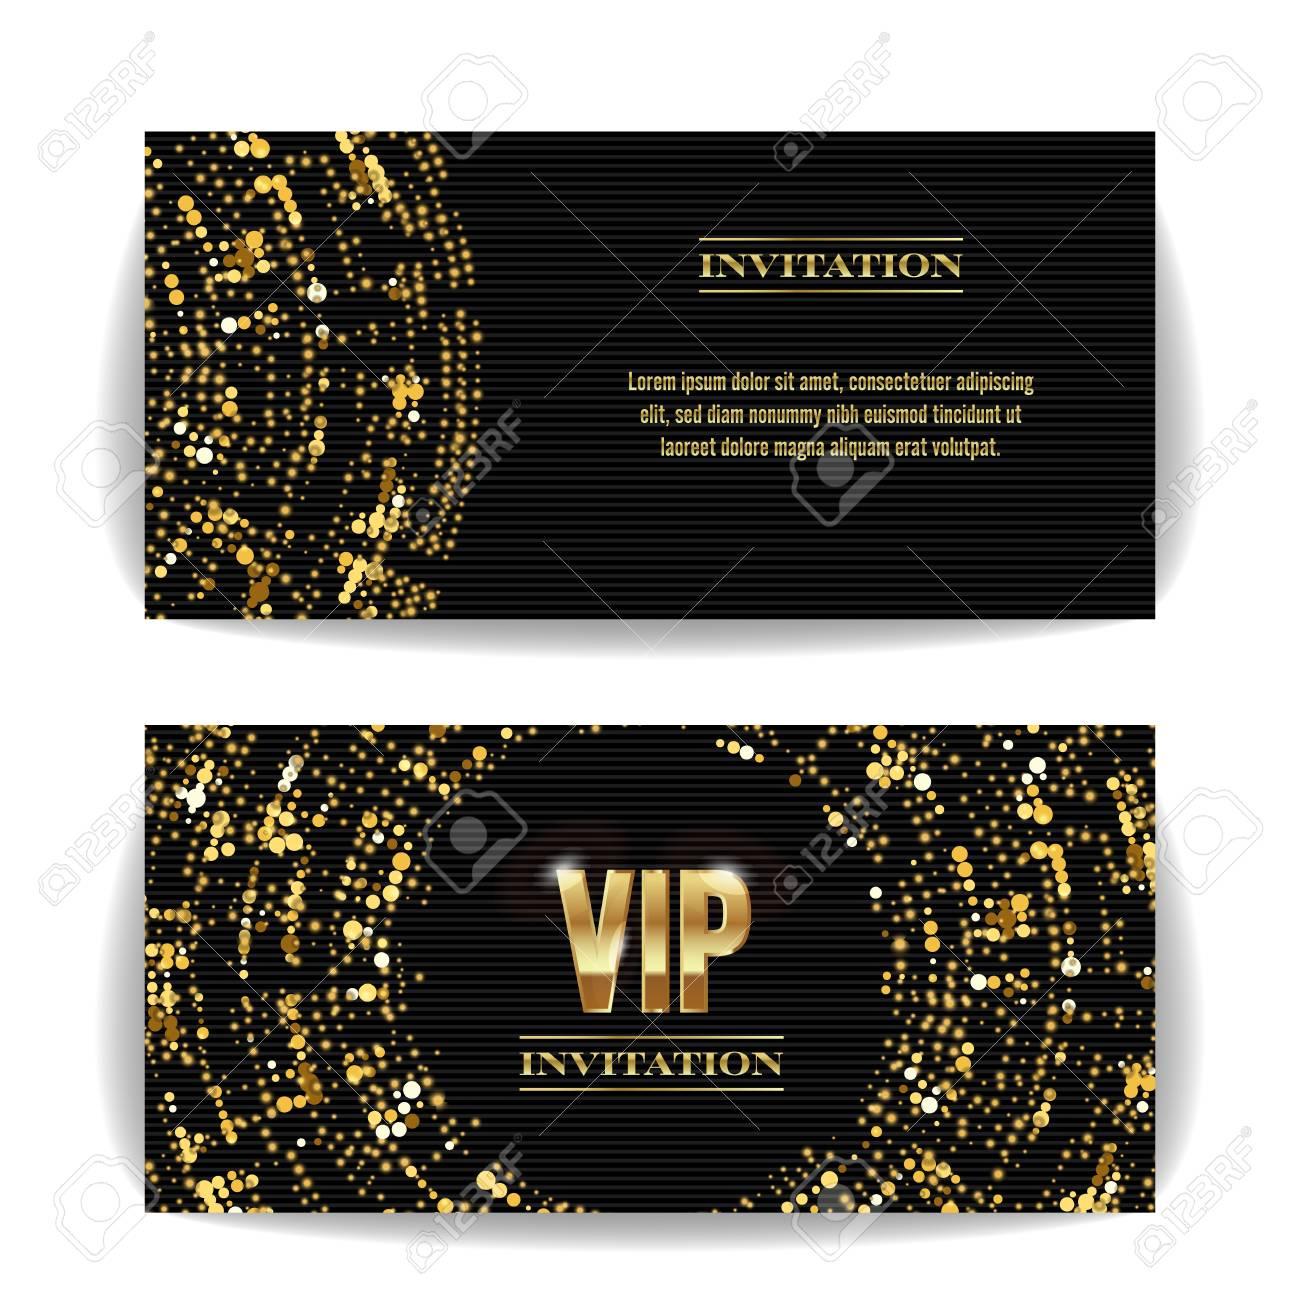 vecteur de carte d invitation vip party premium affiche vierge flyer modele de conception d or noir modele de modele decoratif lettres a facettes